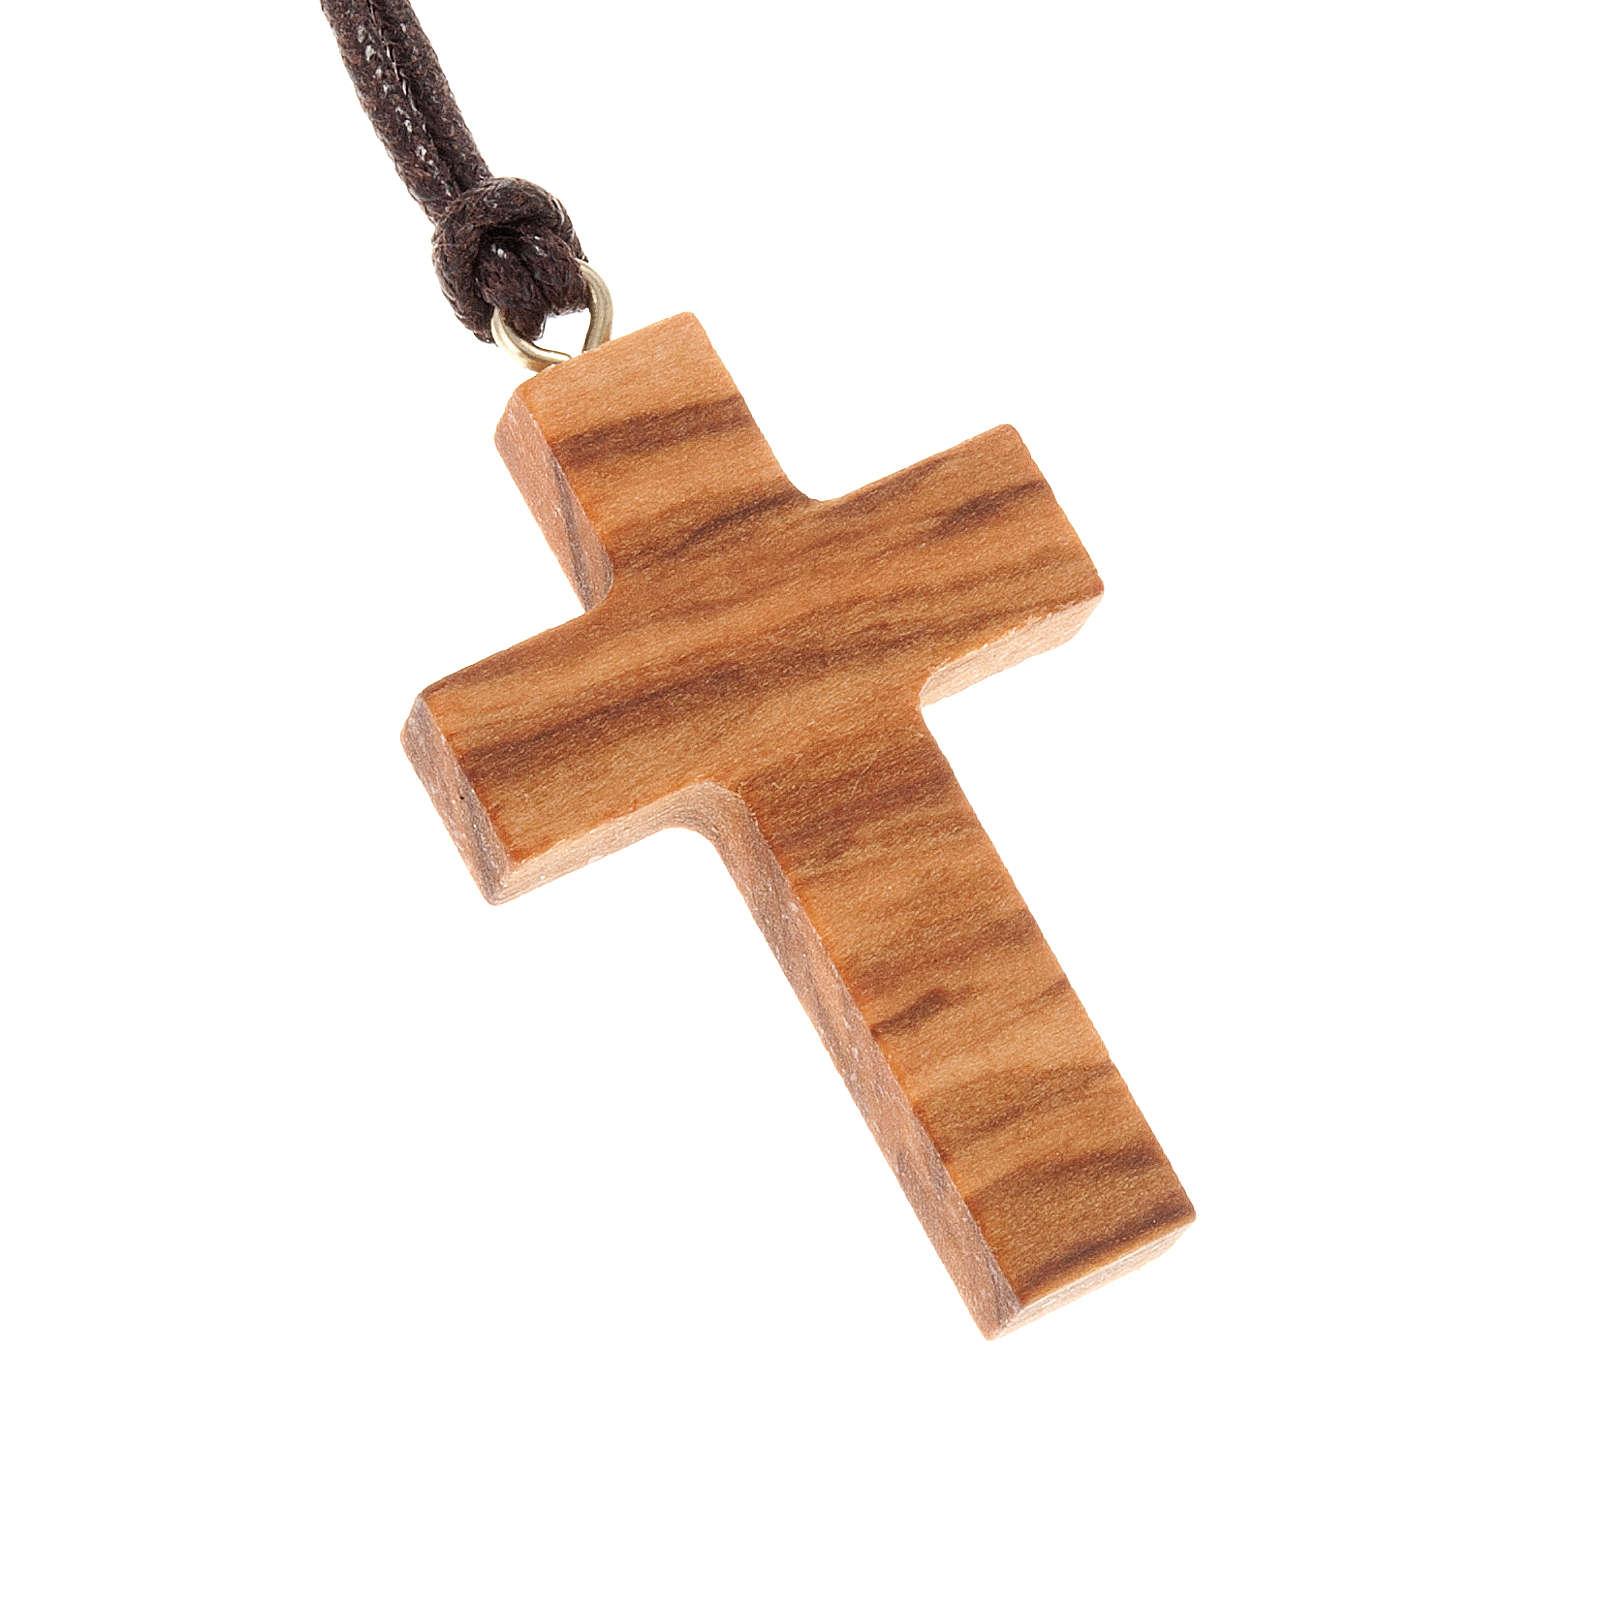 Croce classica legno d'olivo 4